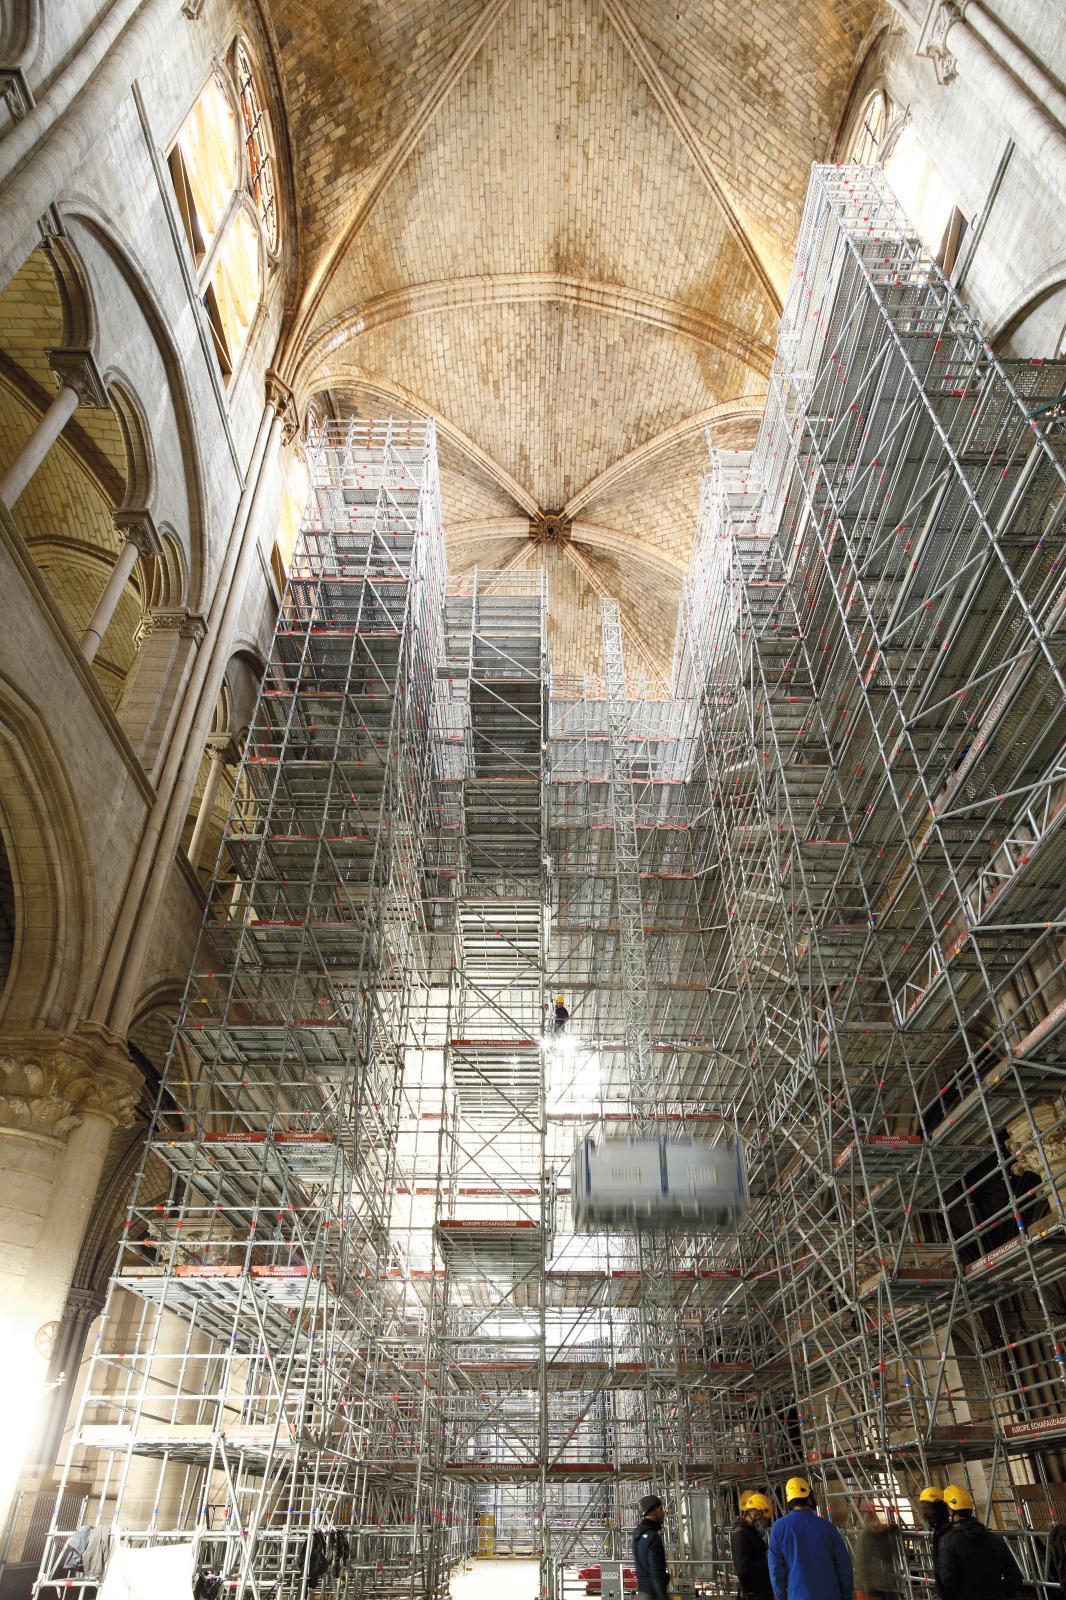 Pose des échafaudages dans la nef de Notre-Dame. © David Bordes/Établissement public chargé de la conservation et de la restauration de la